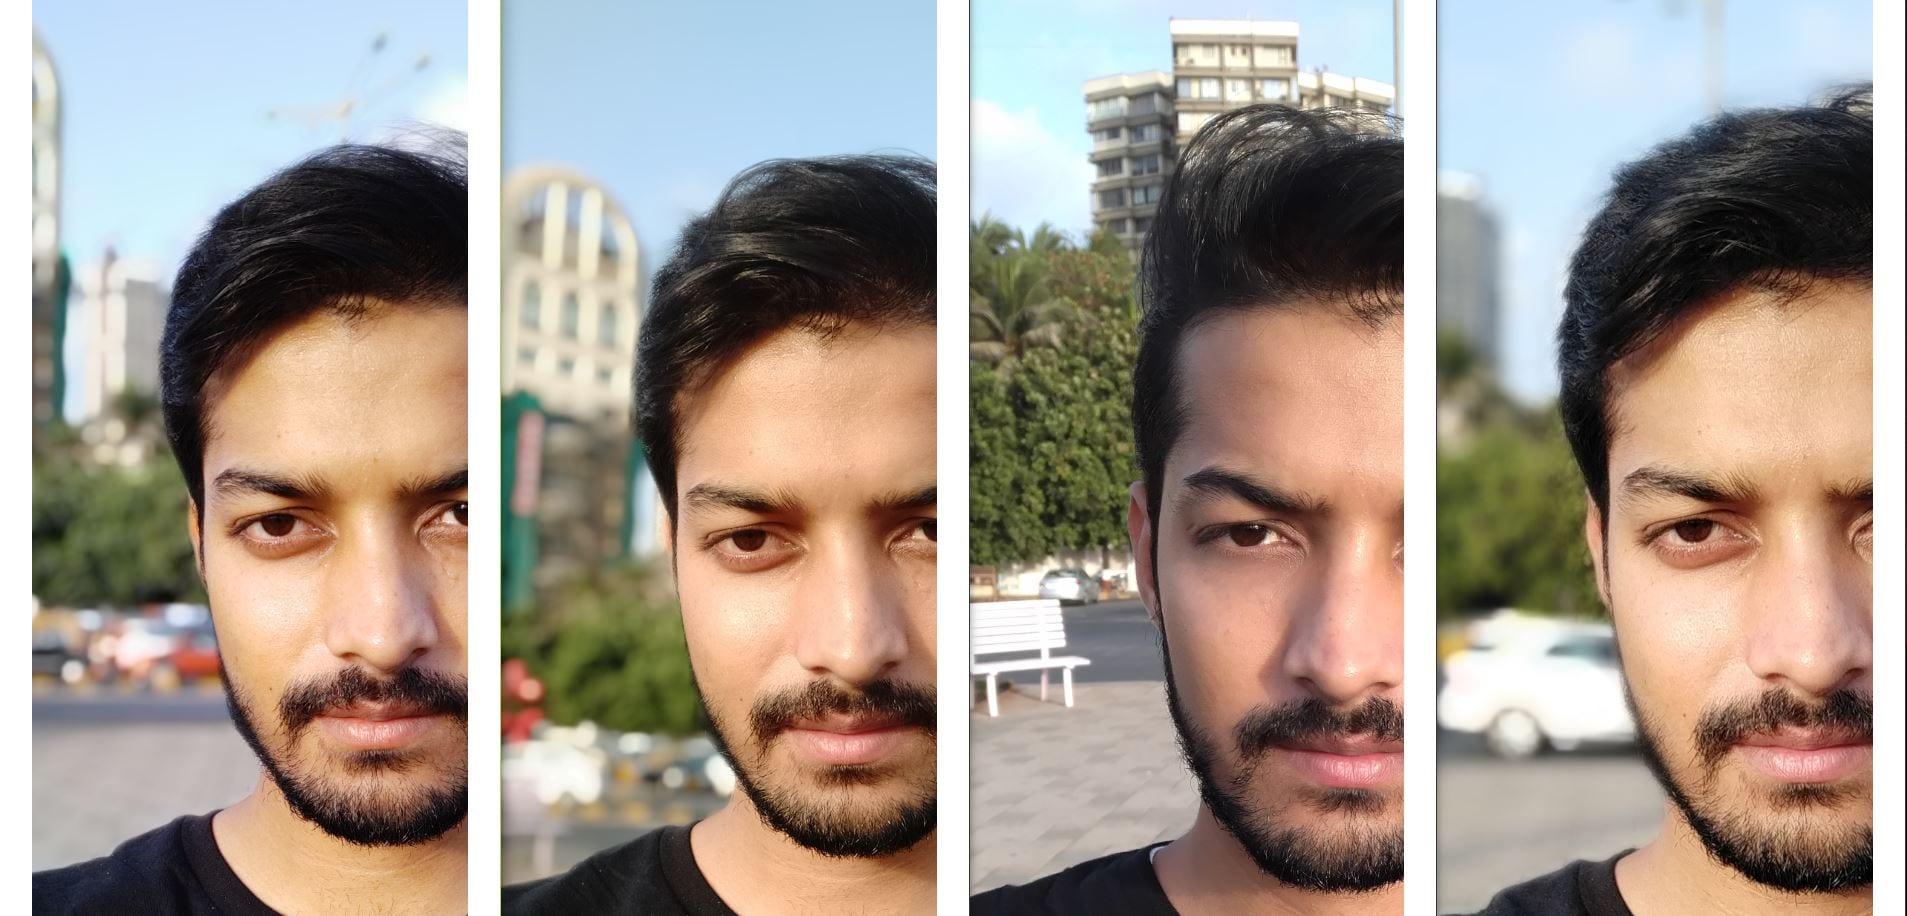 (L-R) Redmi Note 7 Pro, Redmi Note 6 Pro, Asus Zenfone Max Pro M2, Realme 2 Pro: Portrait mode on the selfie camera